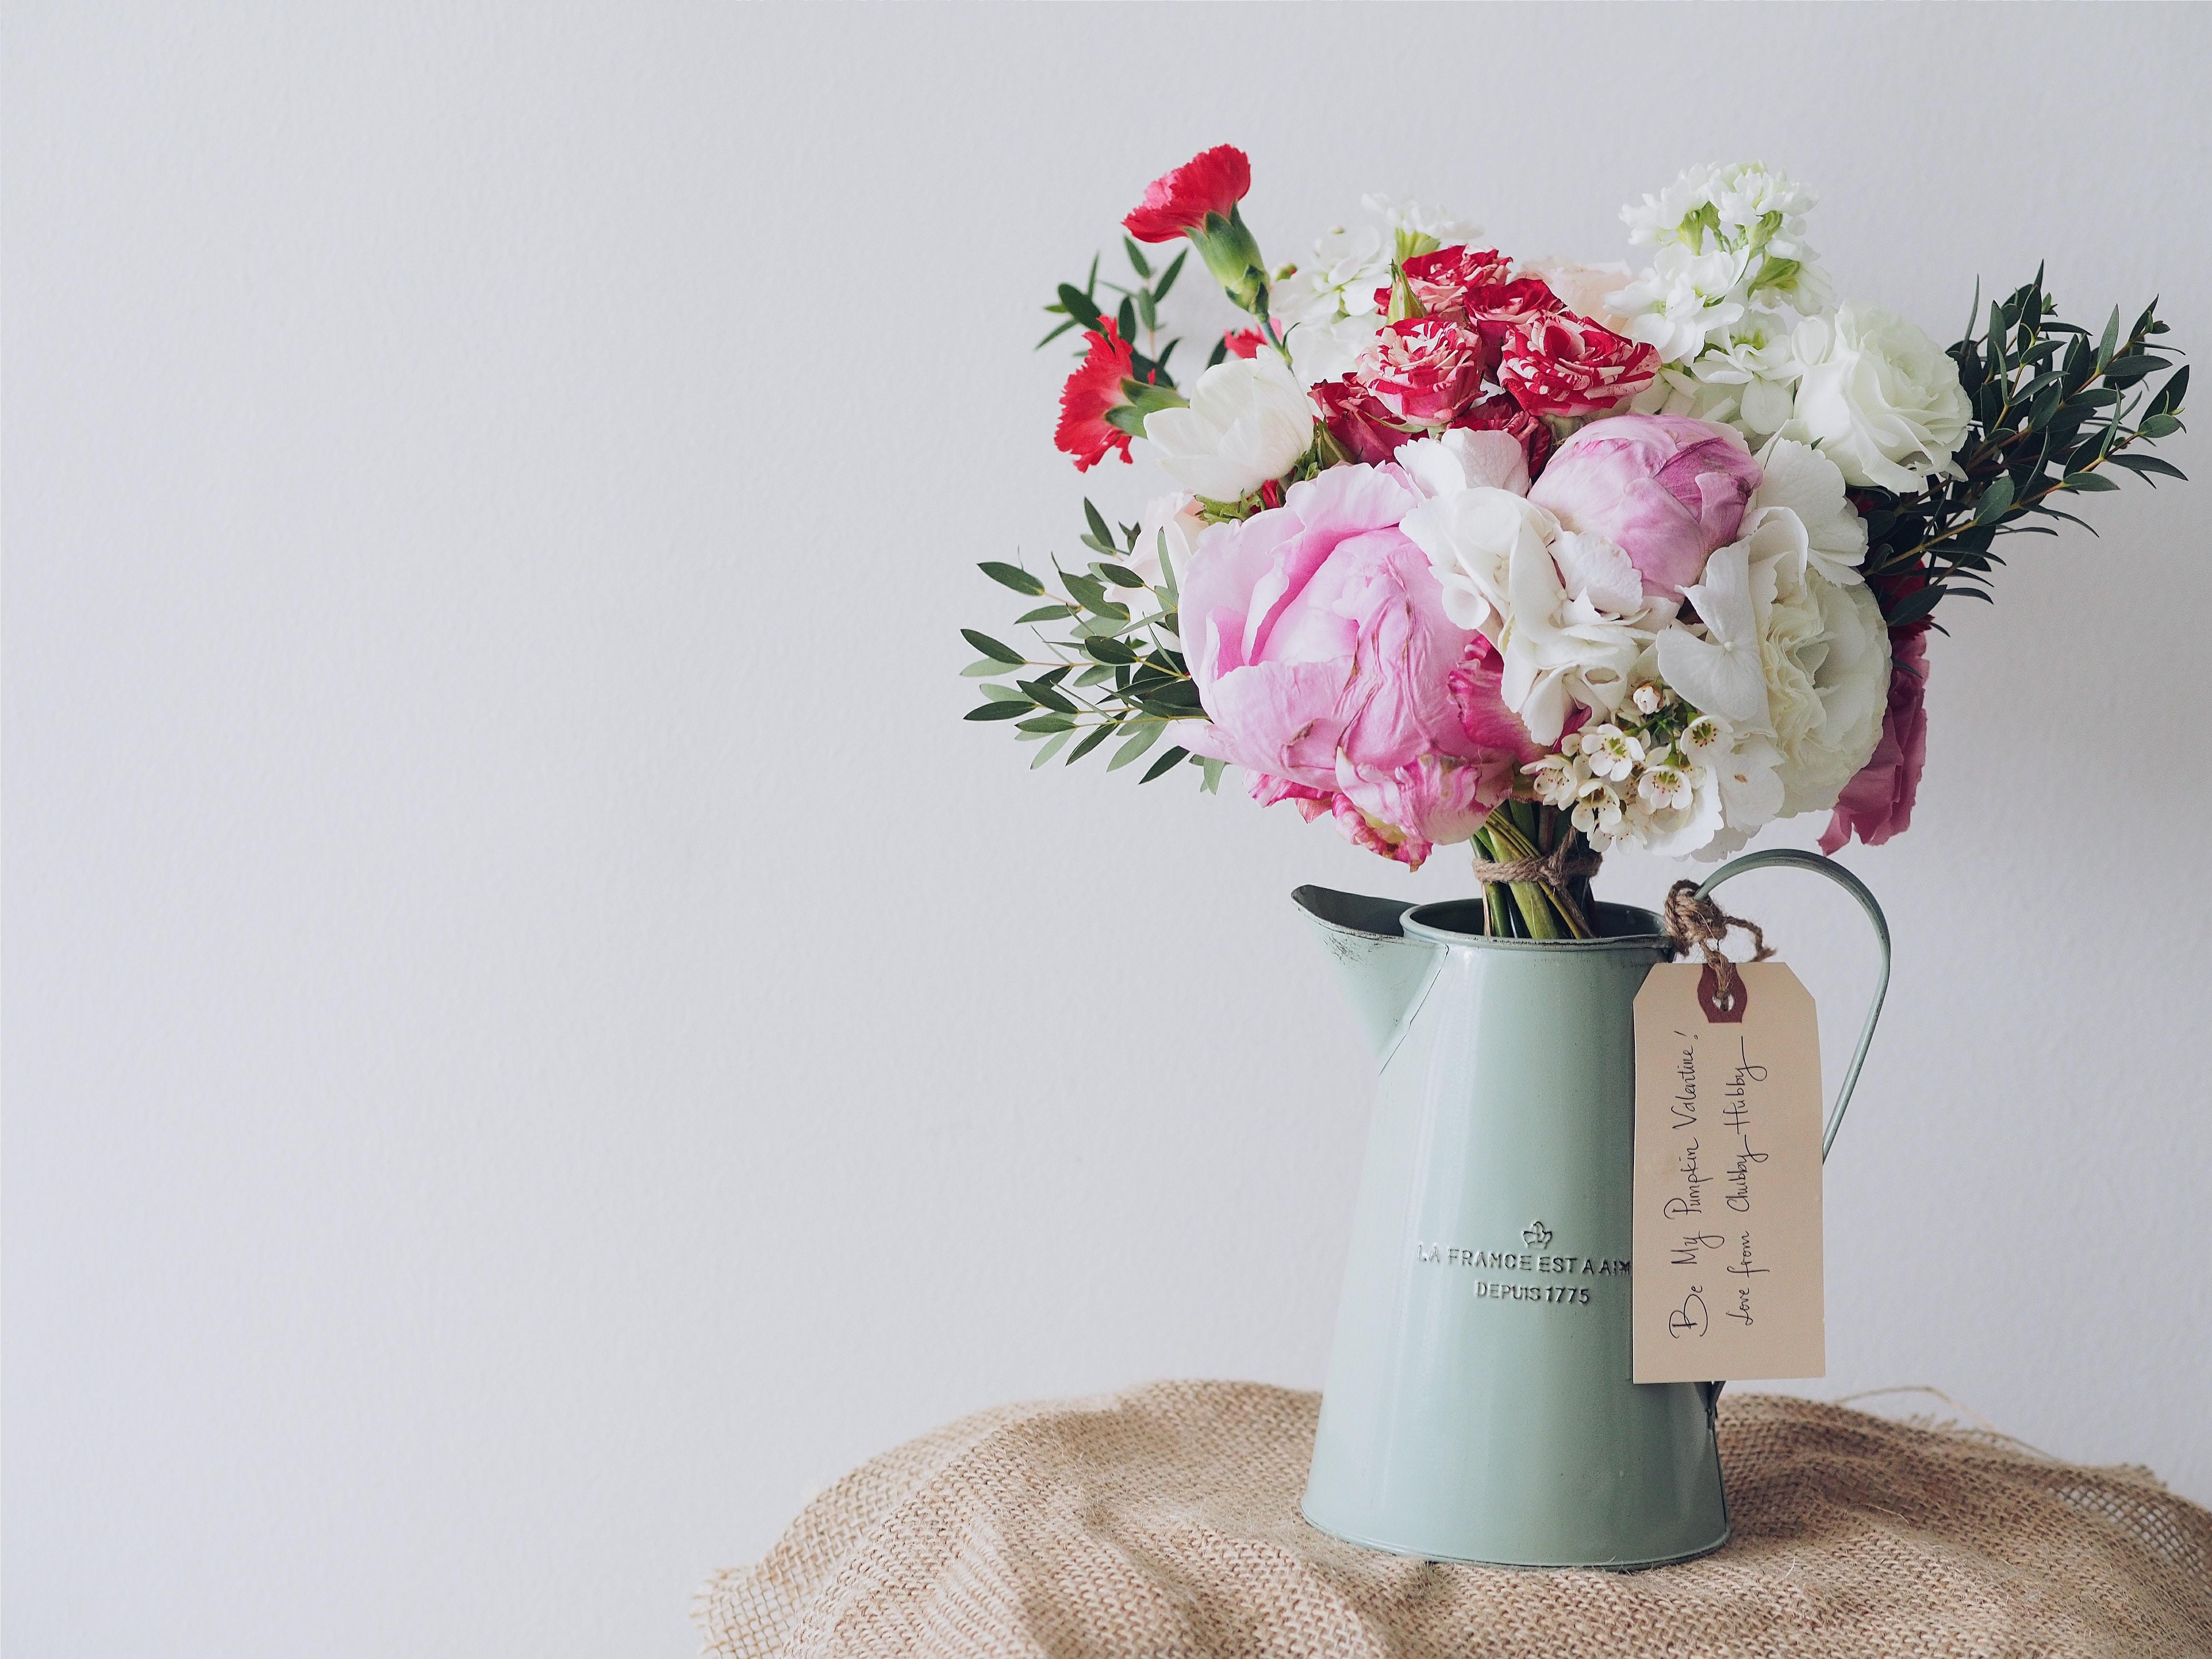 Zijn bloemen duurzaam?